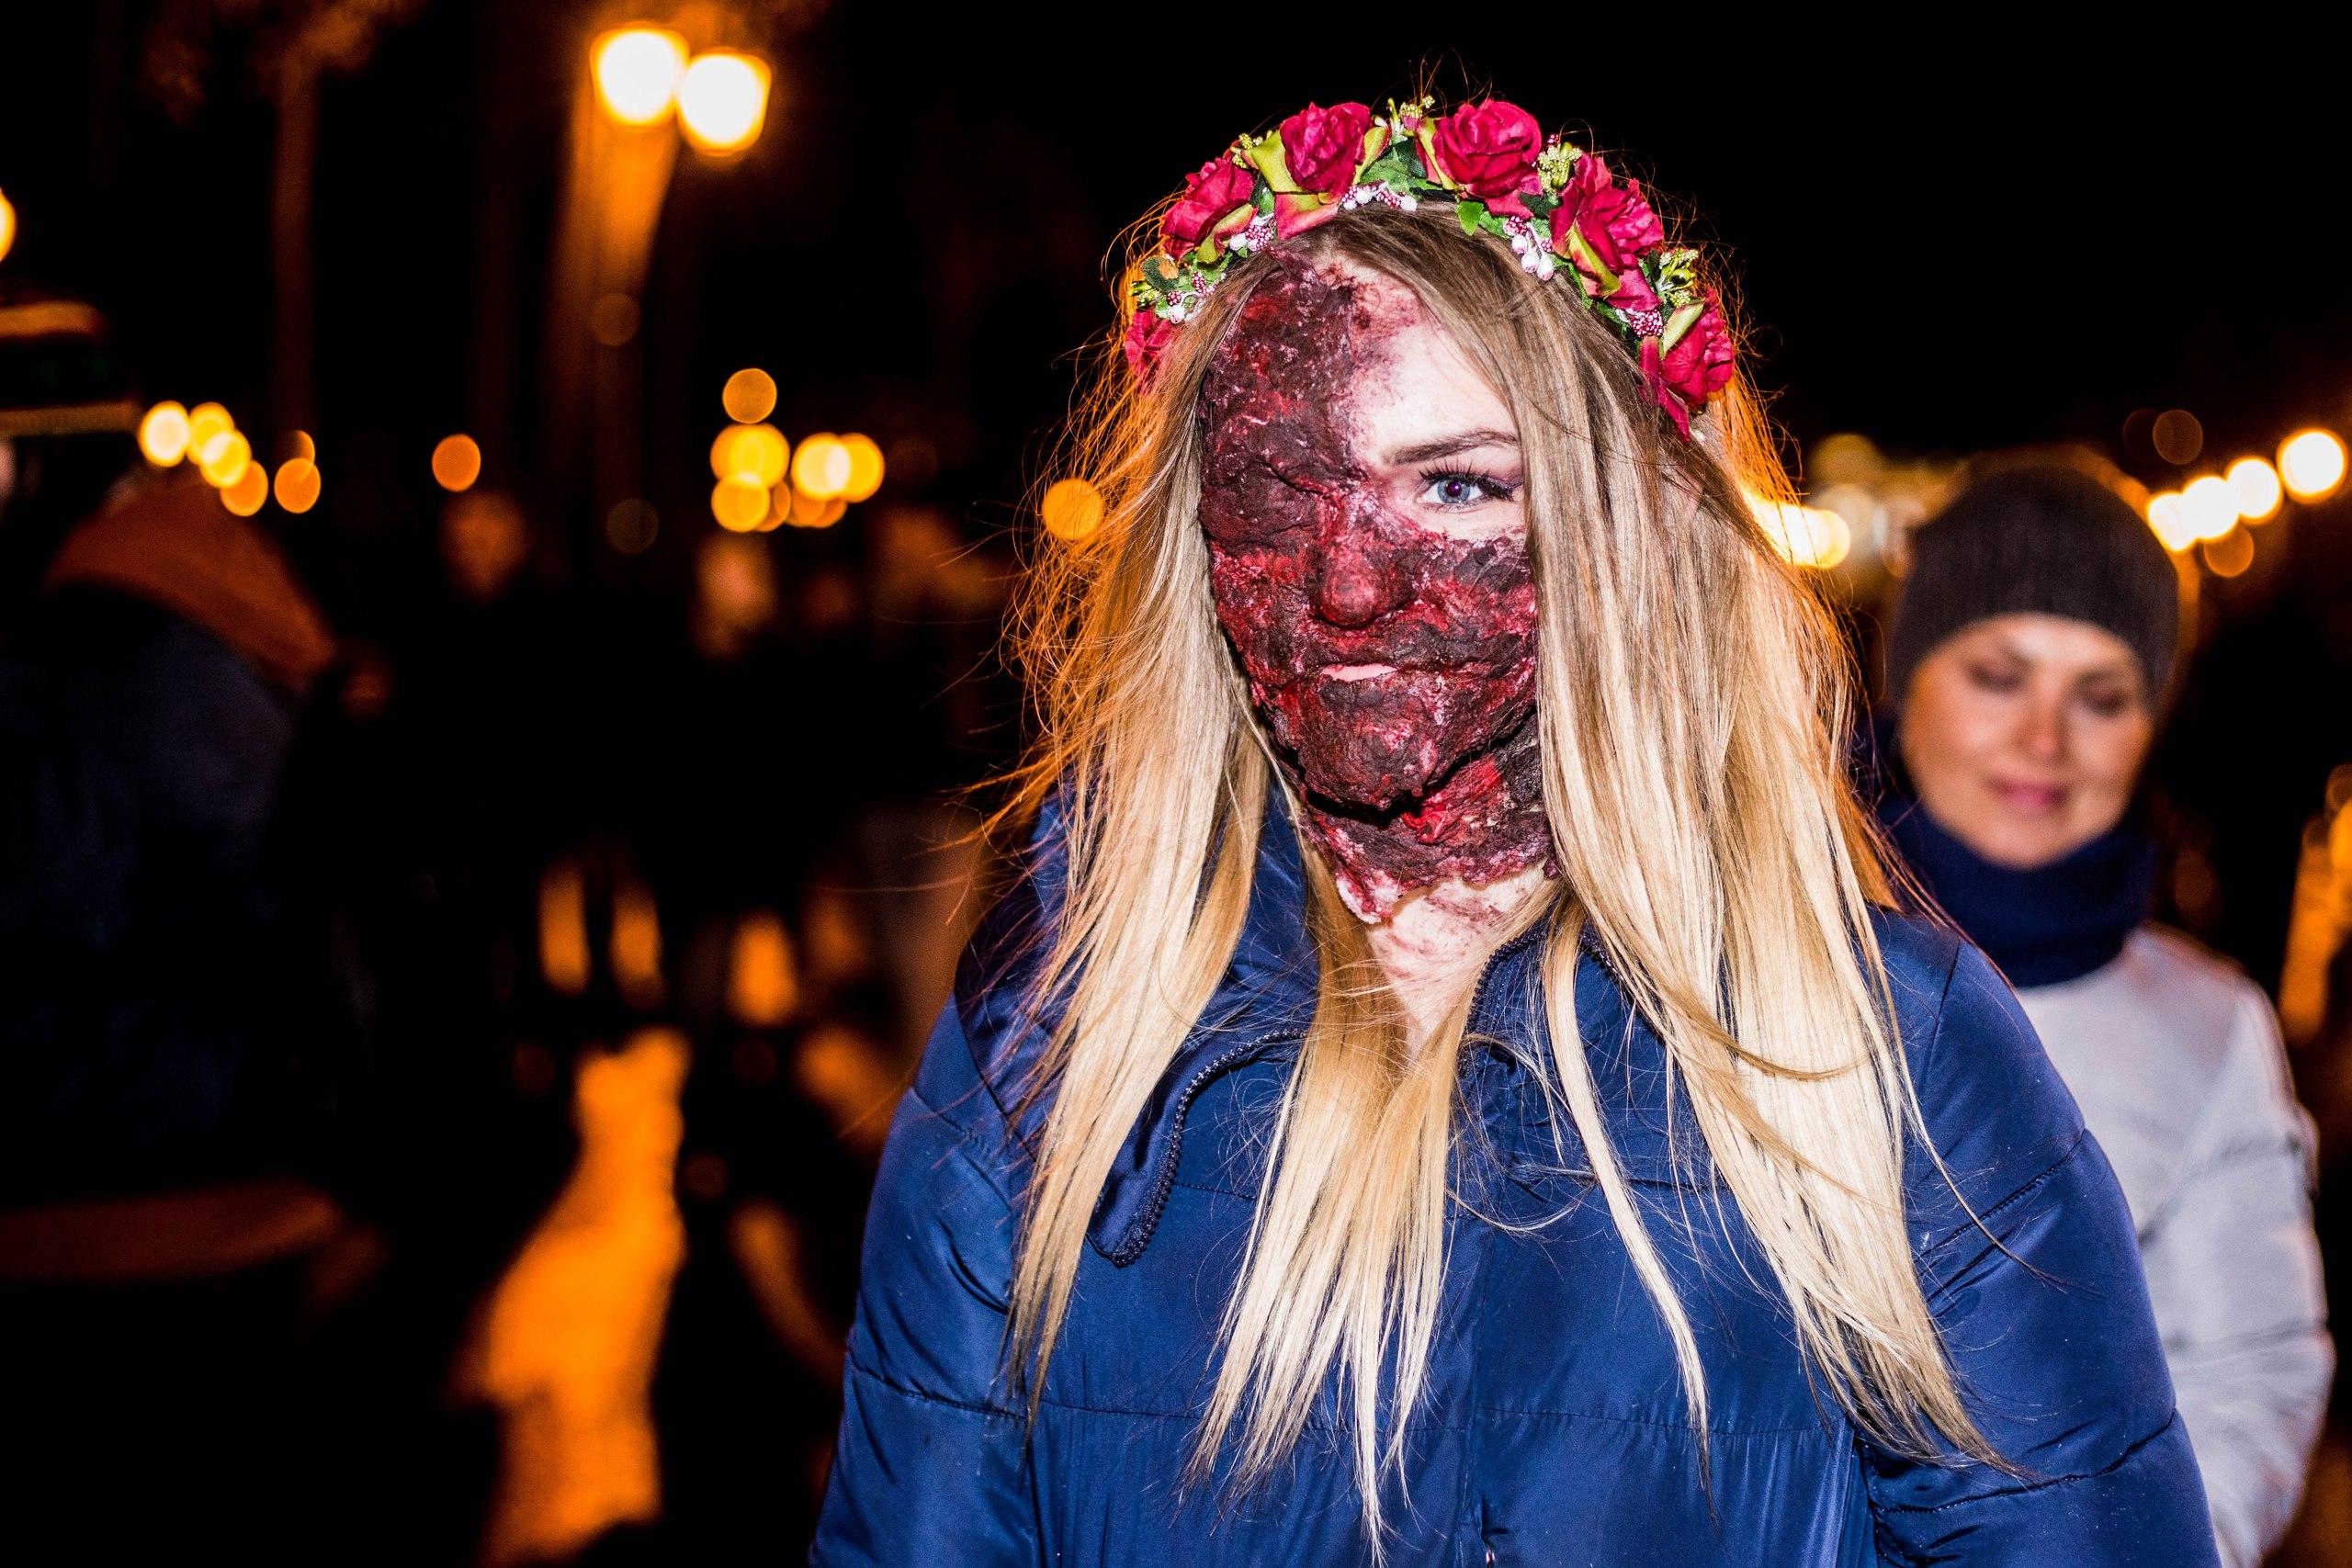 Осторожно, по Харькову гуляют восставшие из мертвых (ВИДЕО)